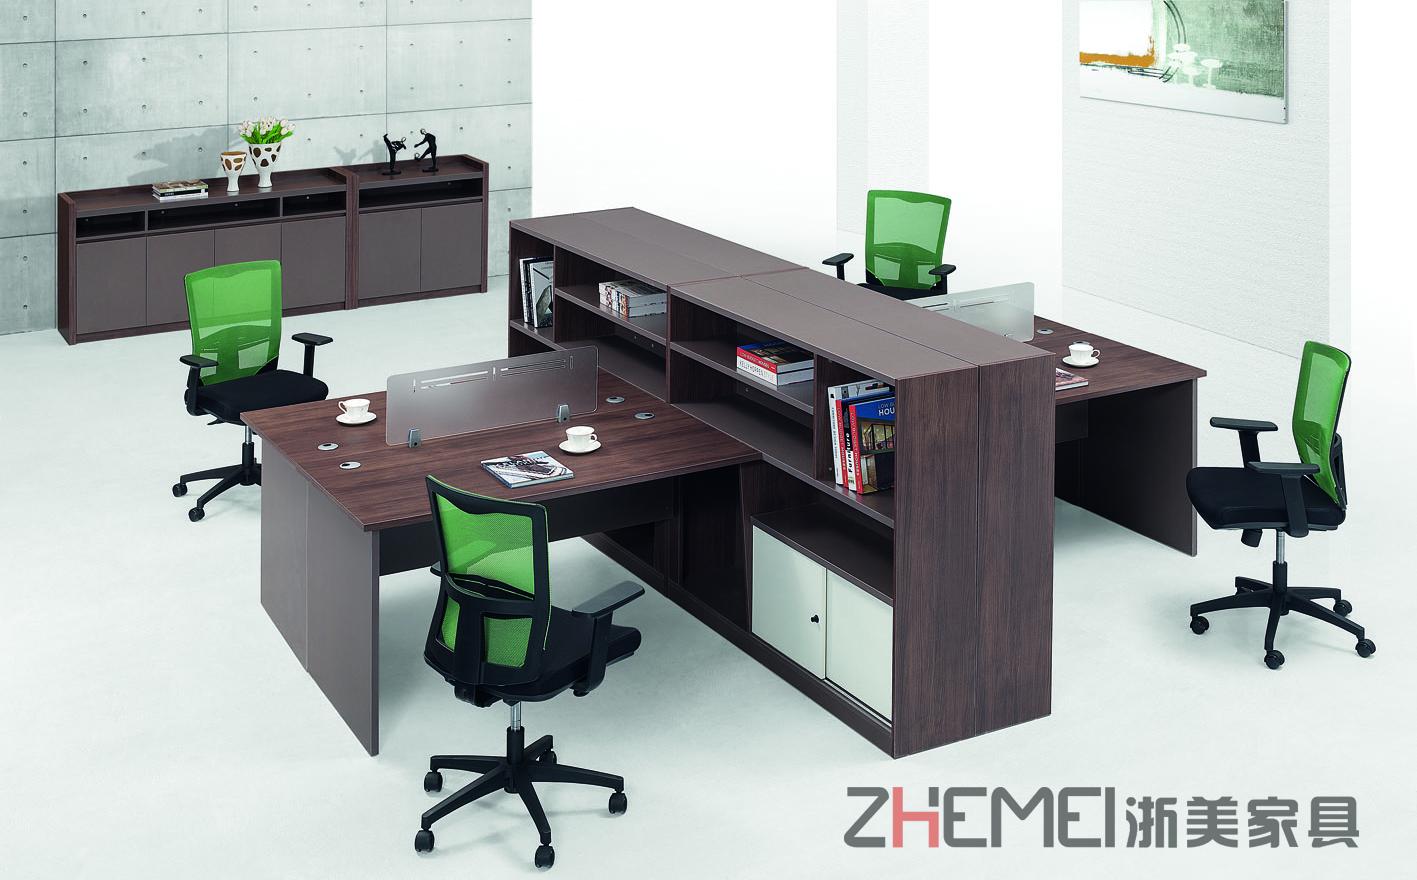 浙美时尚自由办公室新款职员桌屏风挡板办公桌卡座